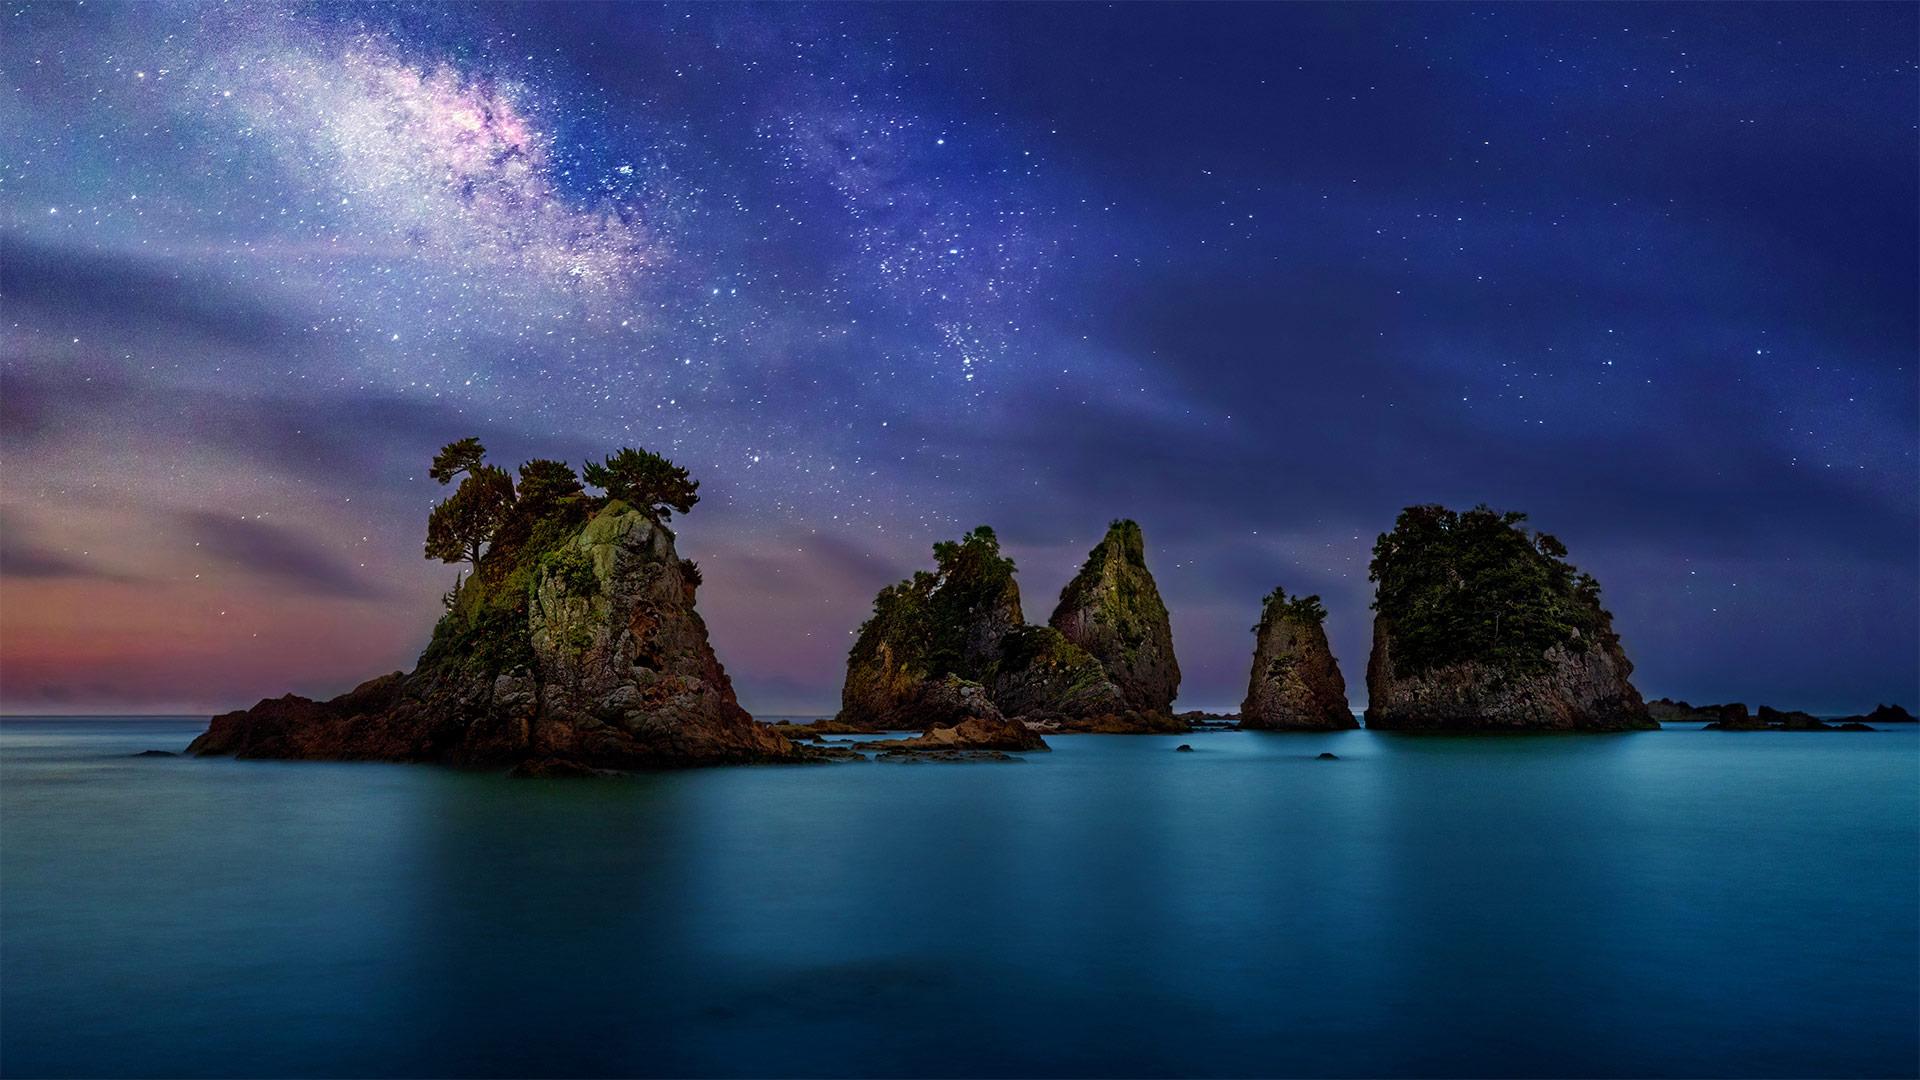 伊豆半岛海岸附近的 Minokake-Iwa 奇岩群,日本